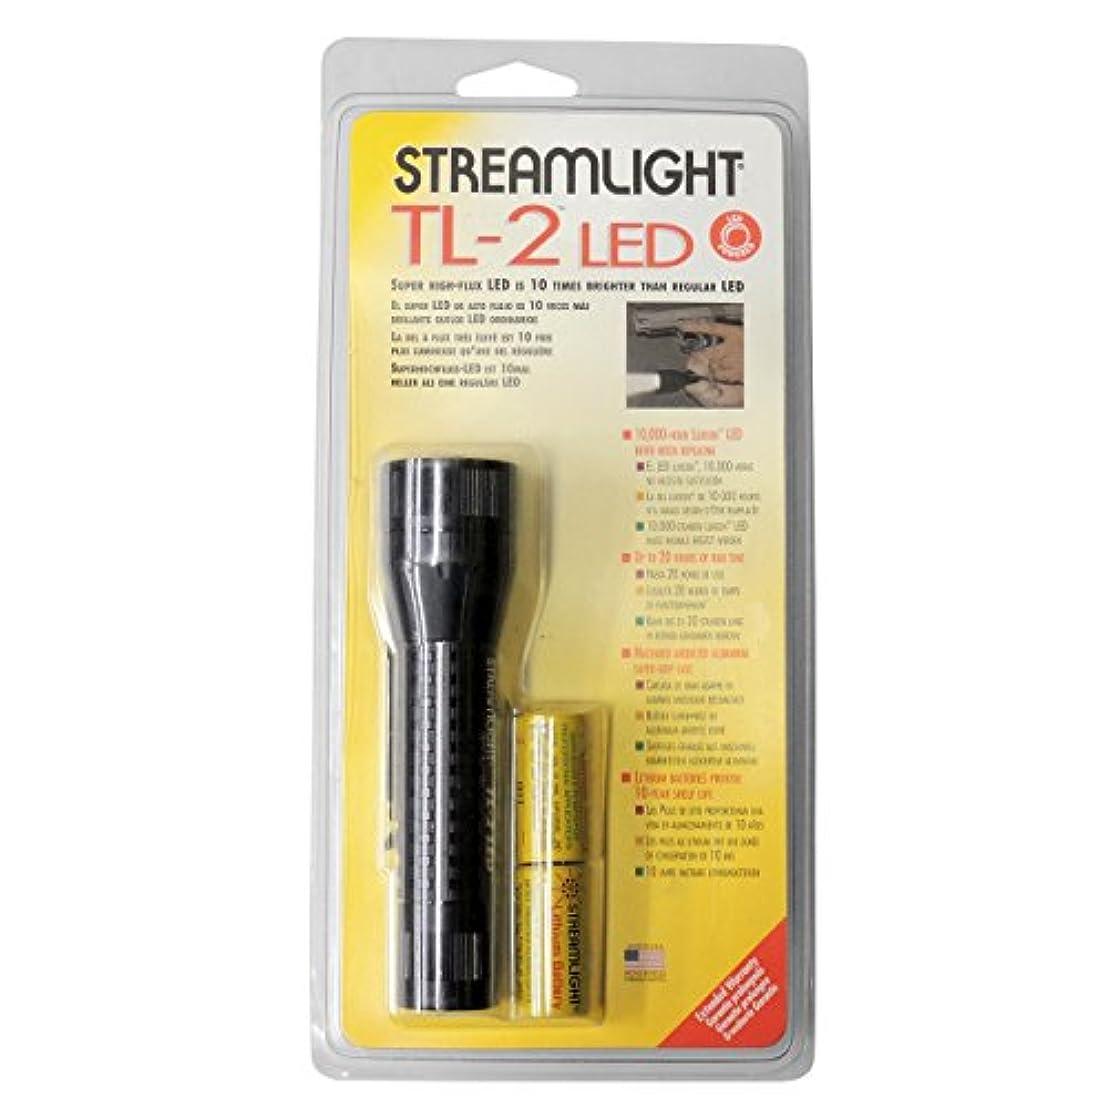 支配的ラフ睡眠メジャーストリームライト STREAMLIGHT 88105 TASKタクティカルライト TL-2LED ブラック